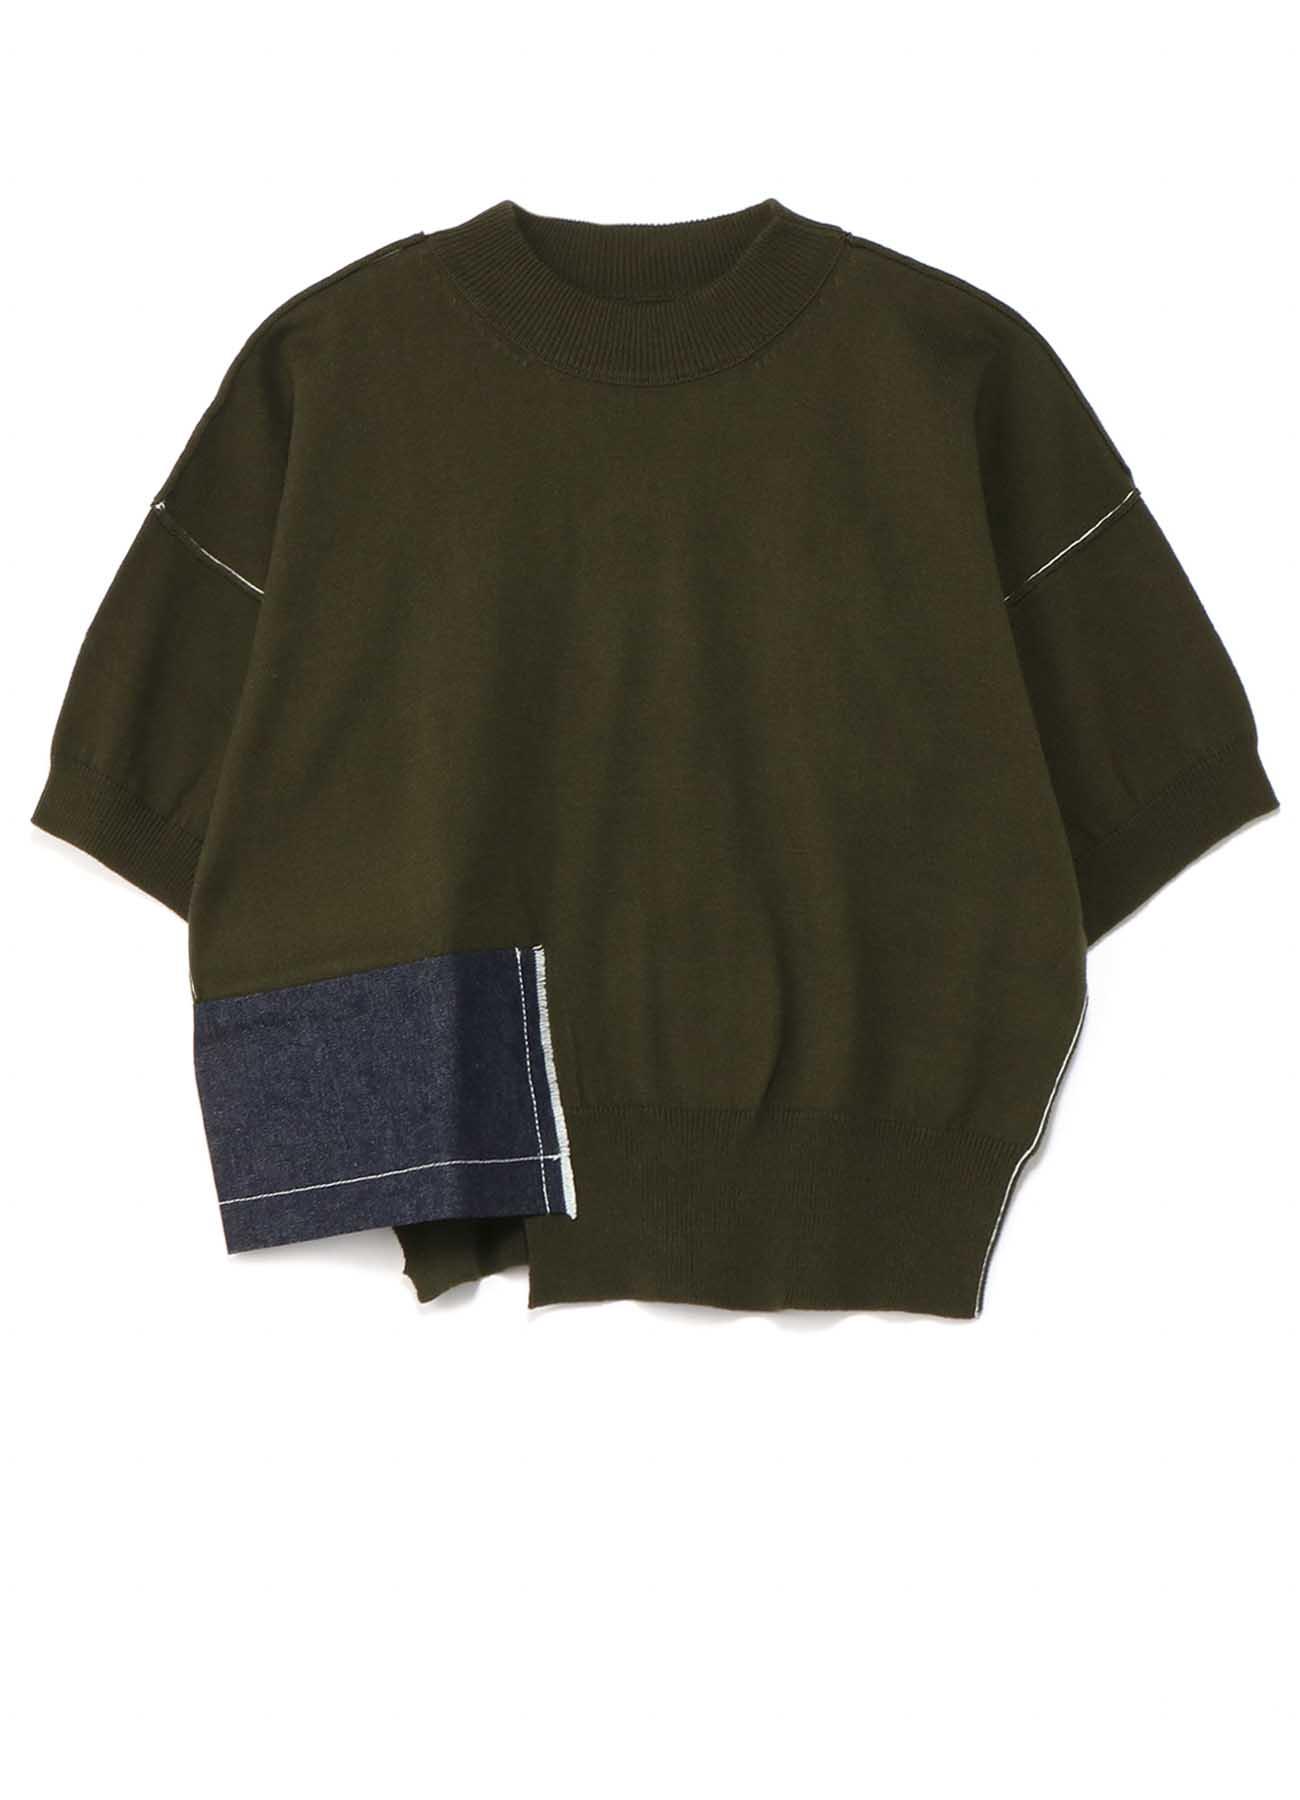 拉绒棉布x10oz牛仔短袖针织套衫